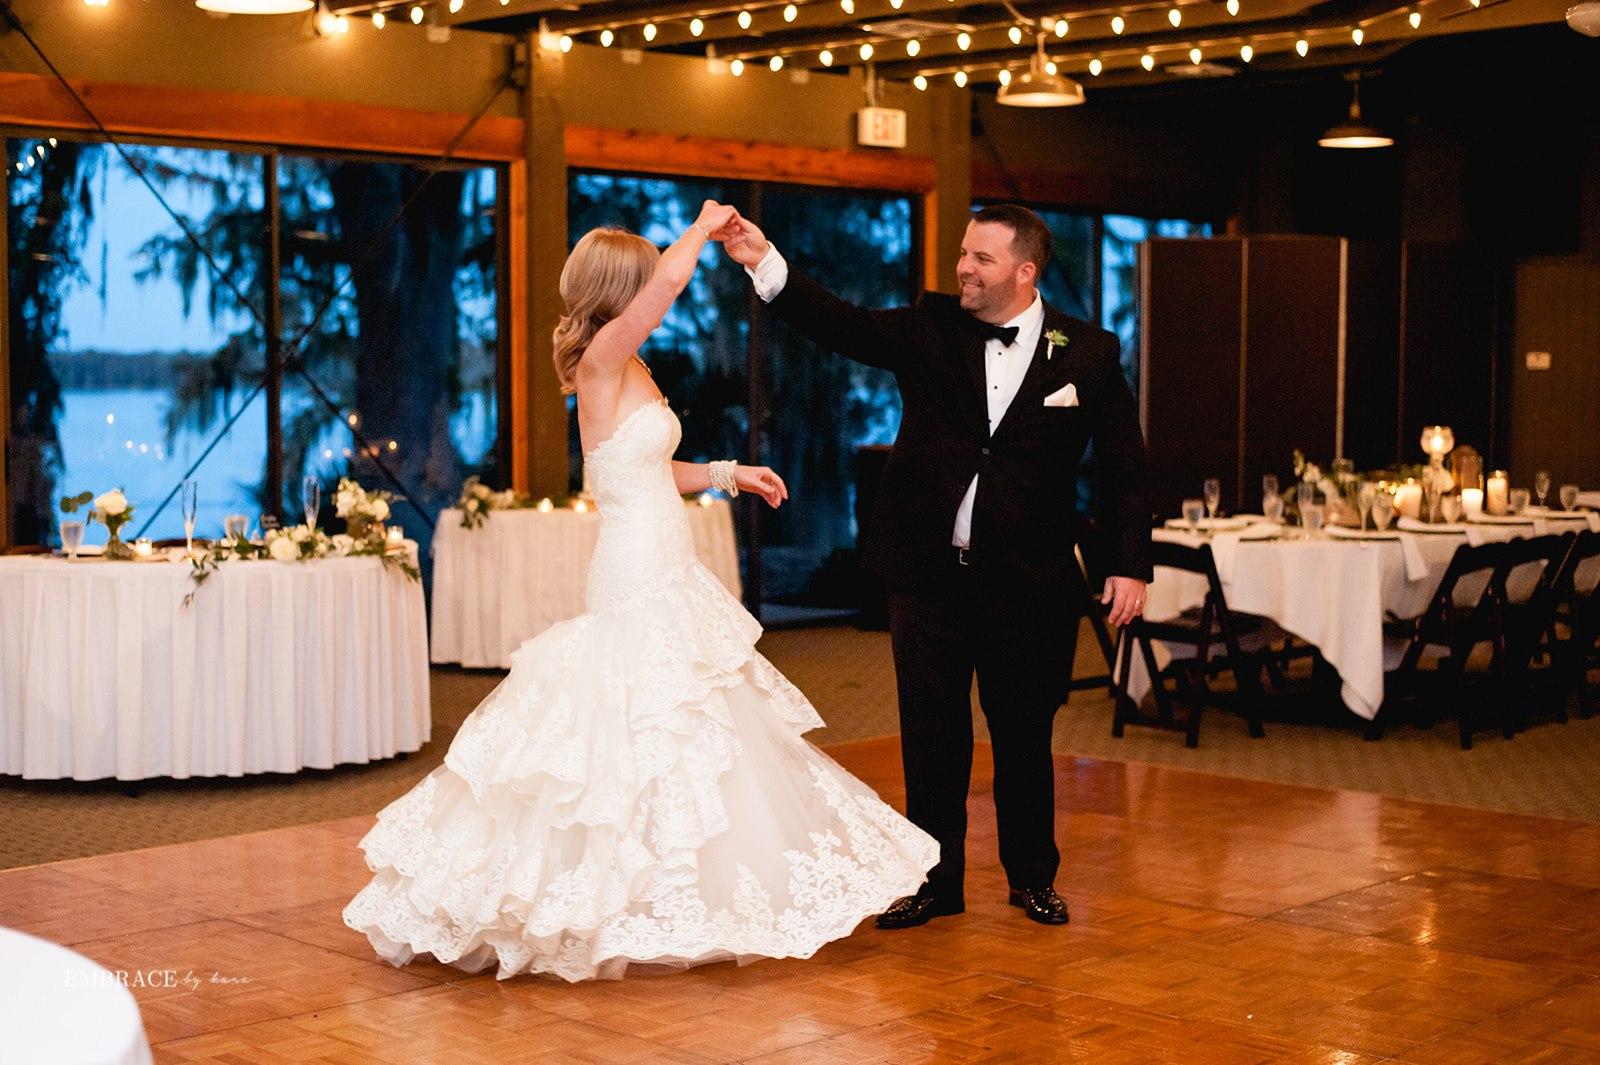 Groom spinning bride in empty reception hall at Marina del Rey